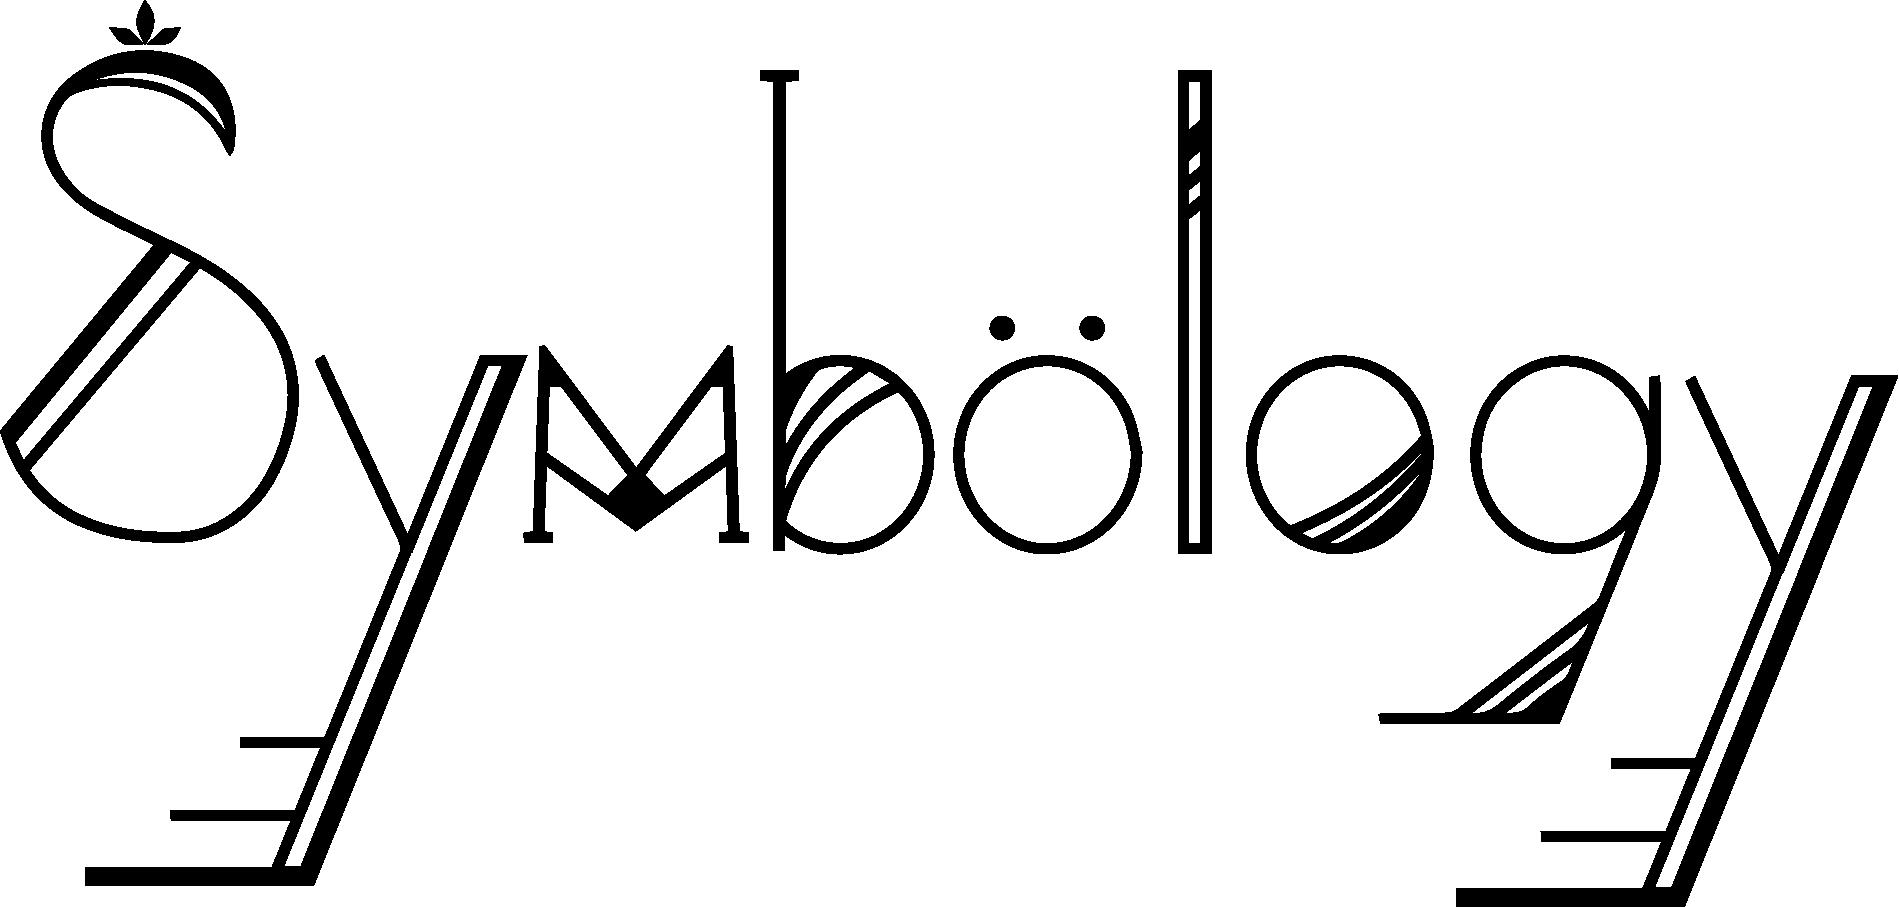 symbology logo (3).png